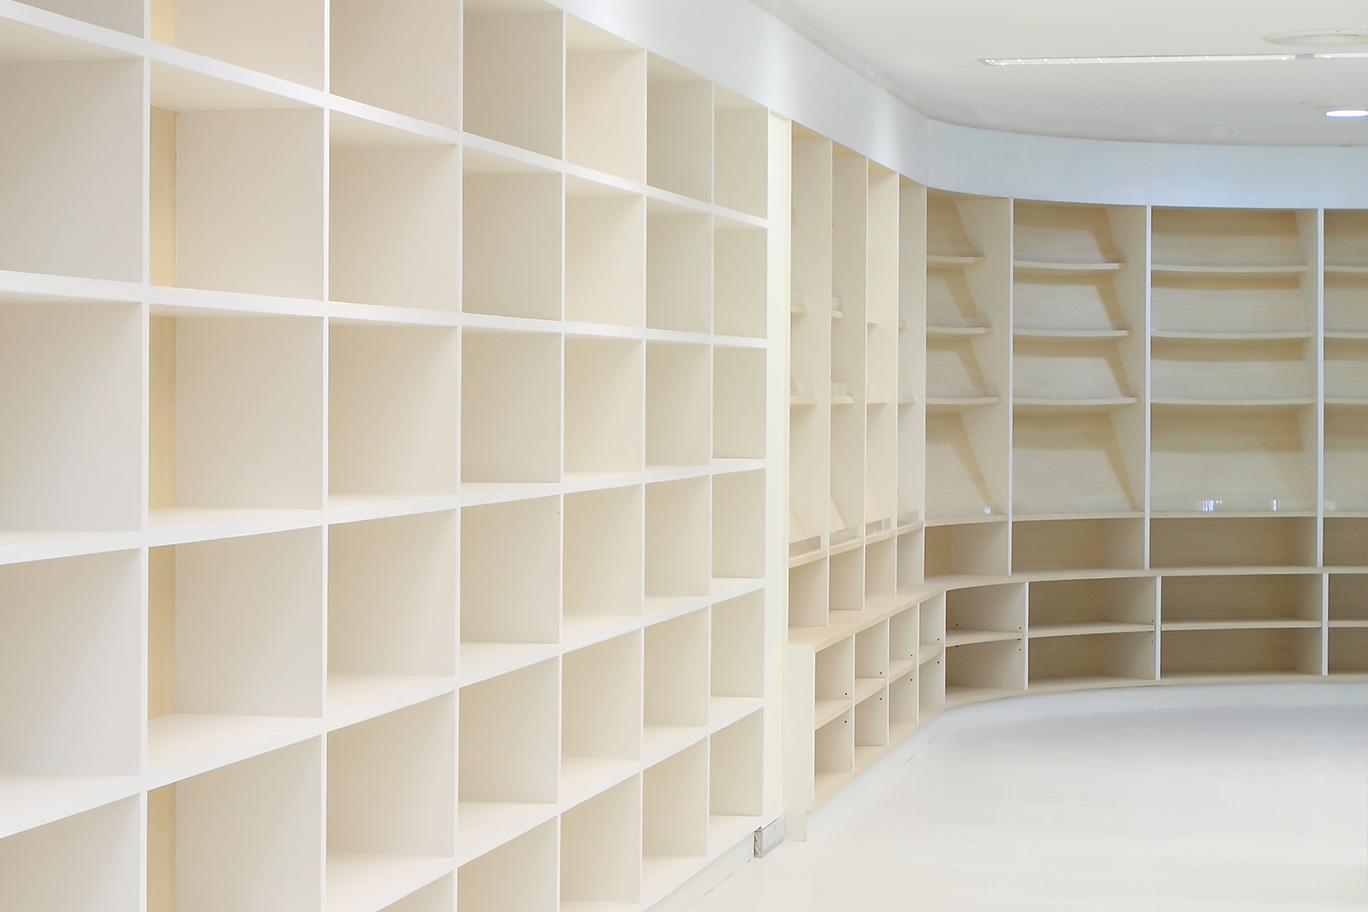 Libreria Carpintería Morata